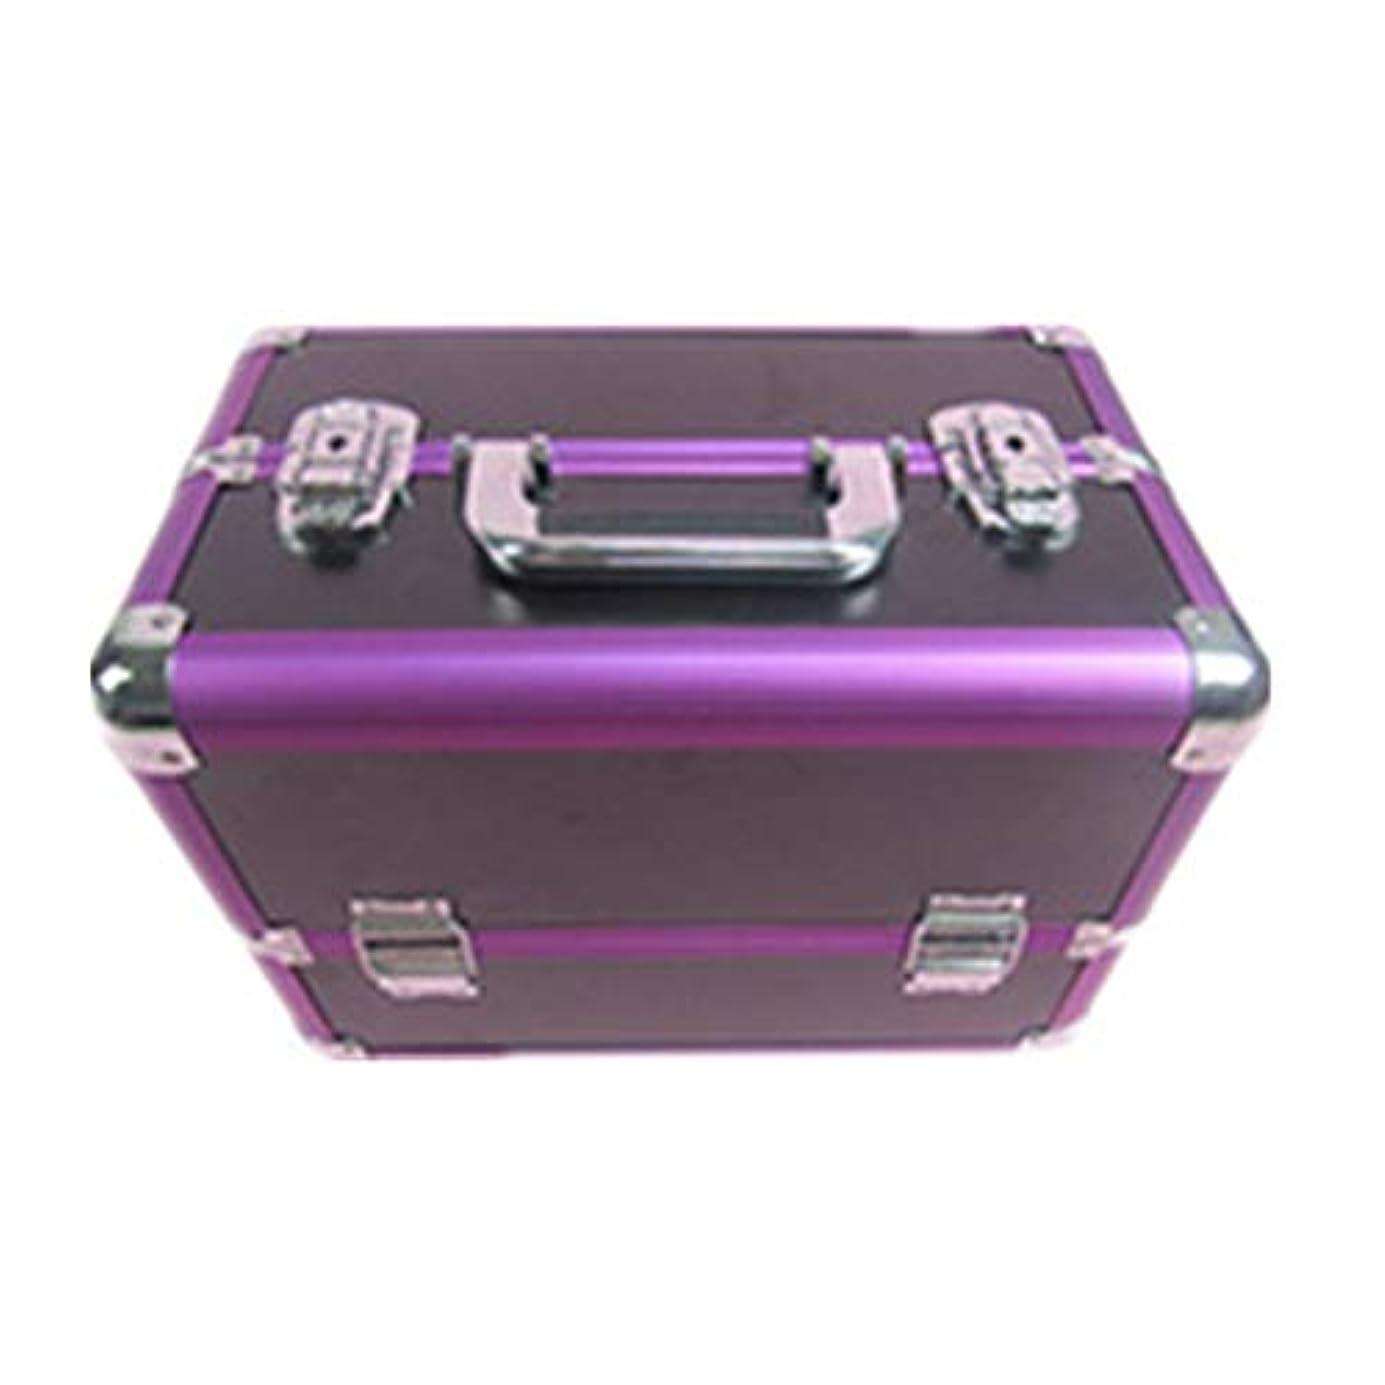 化粧オーガナイザーバッグ 大容量ポータブル化粧ケース(トラベルアクセサリー用)シャンプーボディウォッシュパーソナルアイテム収納トレイ(エクステンショントレイ付) 化粧品ケース